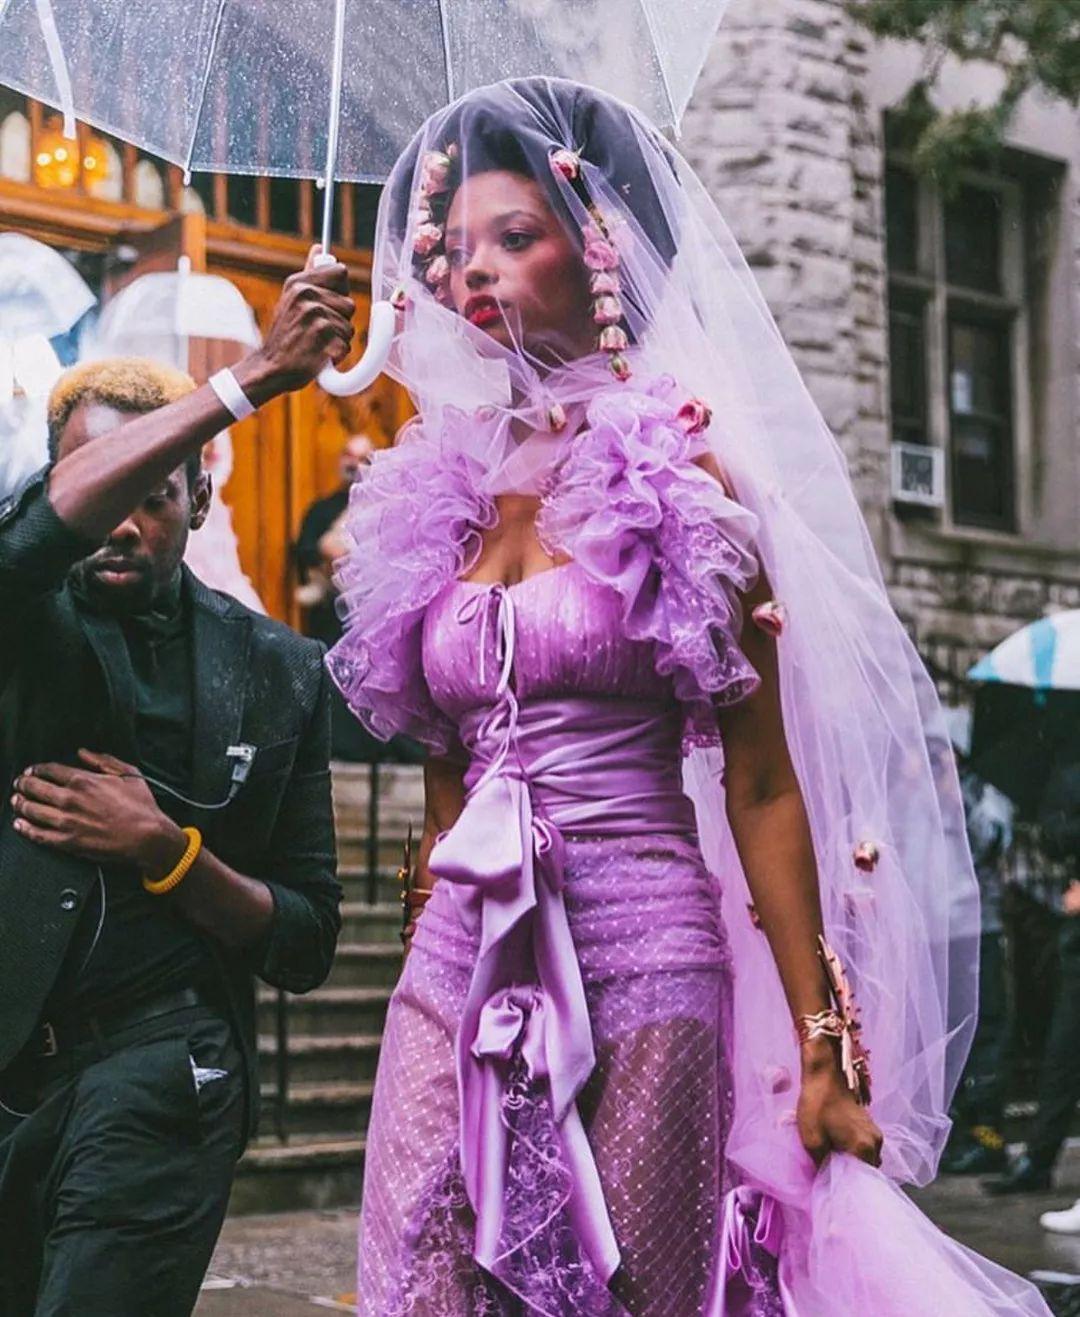 别指望看几场秀就知道「真正的女权主义」应该怎么穿 | 纽约时装周复盘